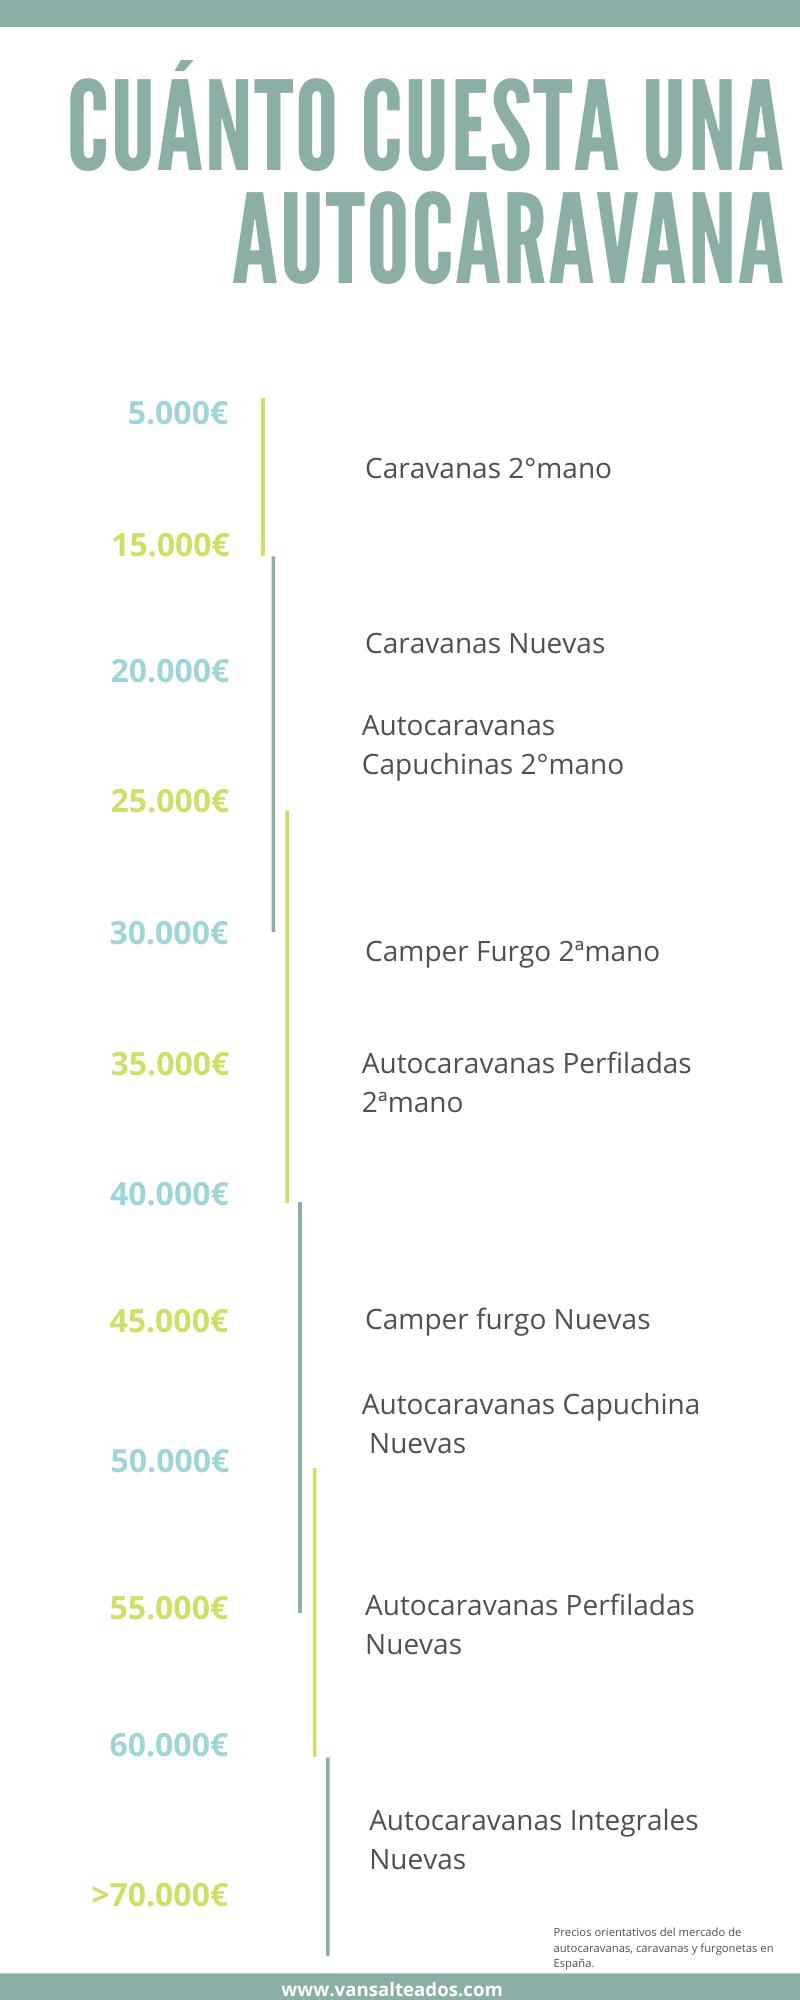 Cuánto cuesta una autocaravana 2020